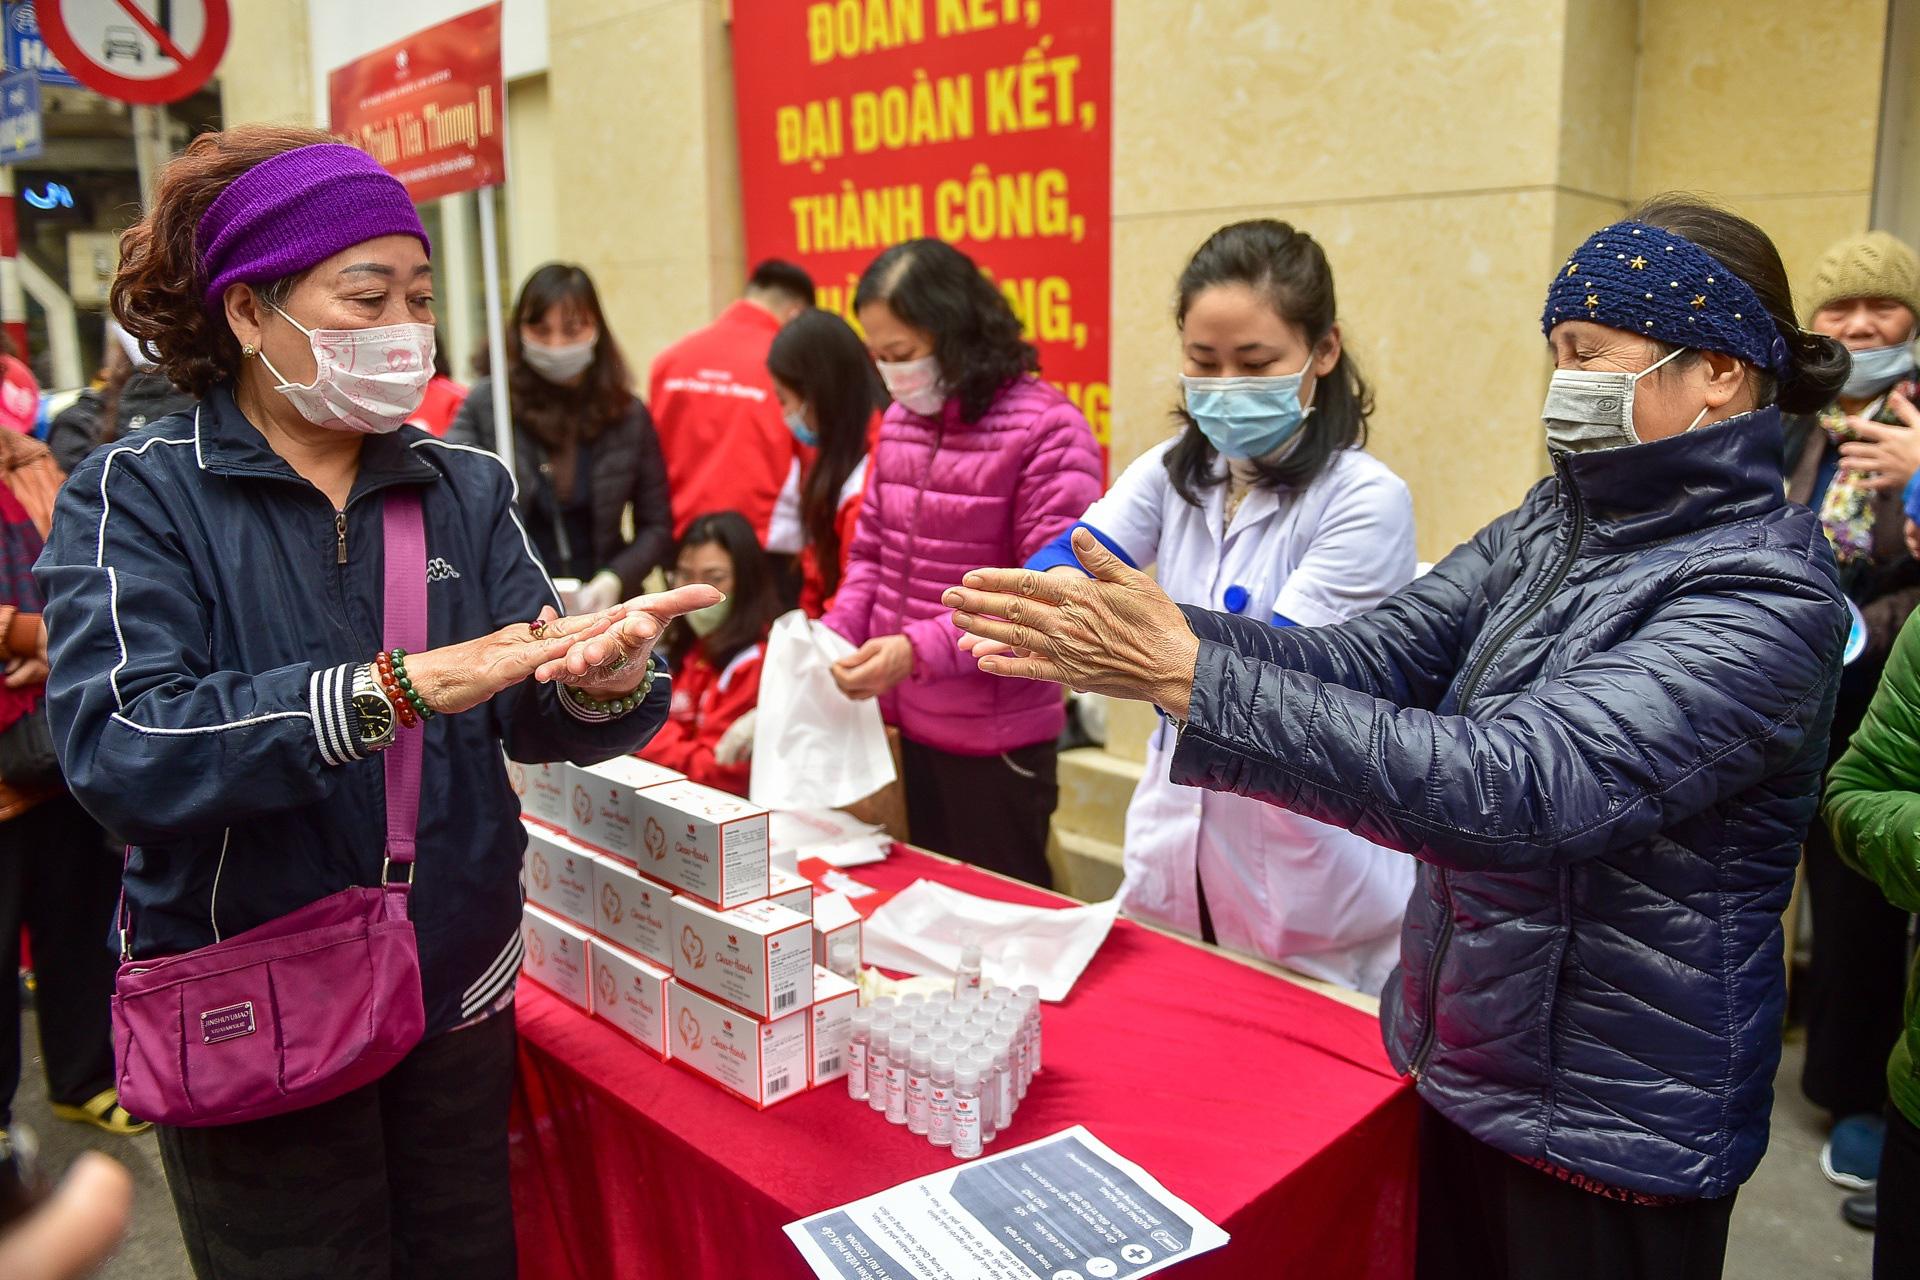 Hà Nội: Người dân xếp hàng dài nhận nước rửa tay miễn phí - Ảnh 8.